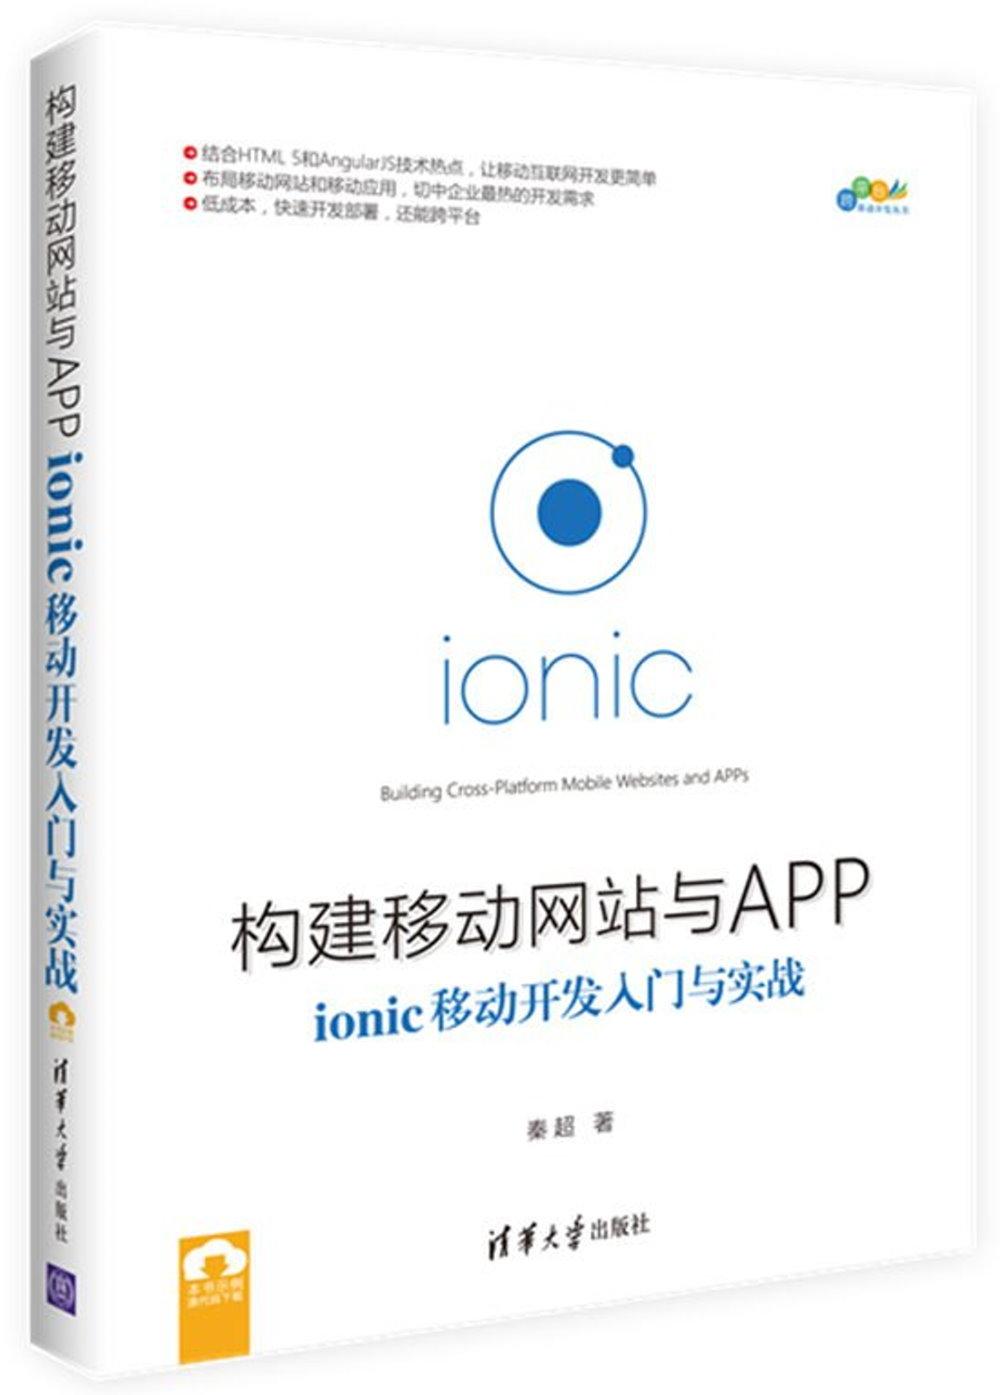 構建移動網站與APP:ionic移動開發入門與實戰